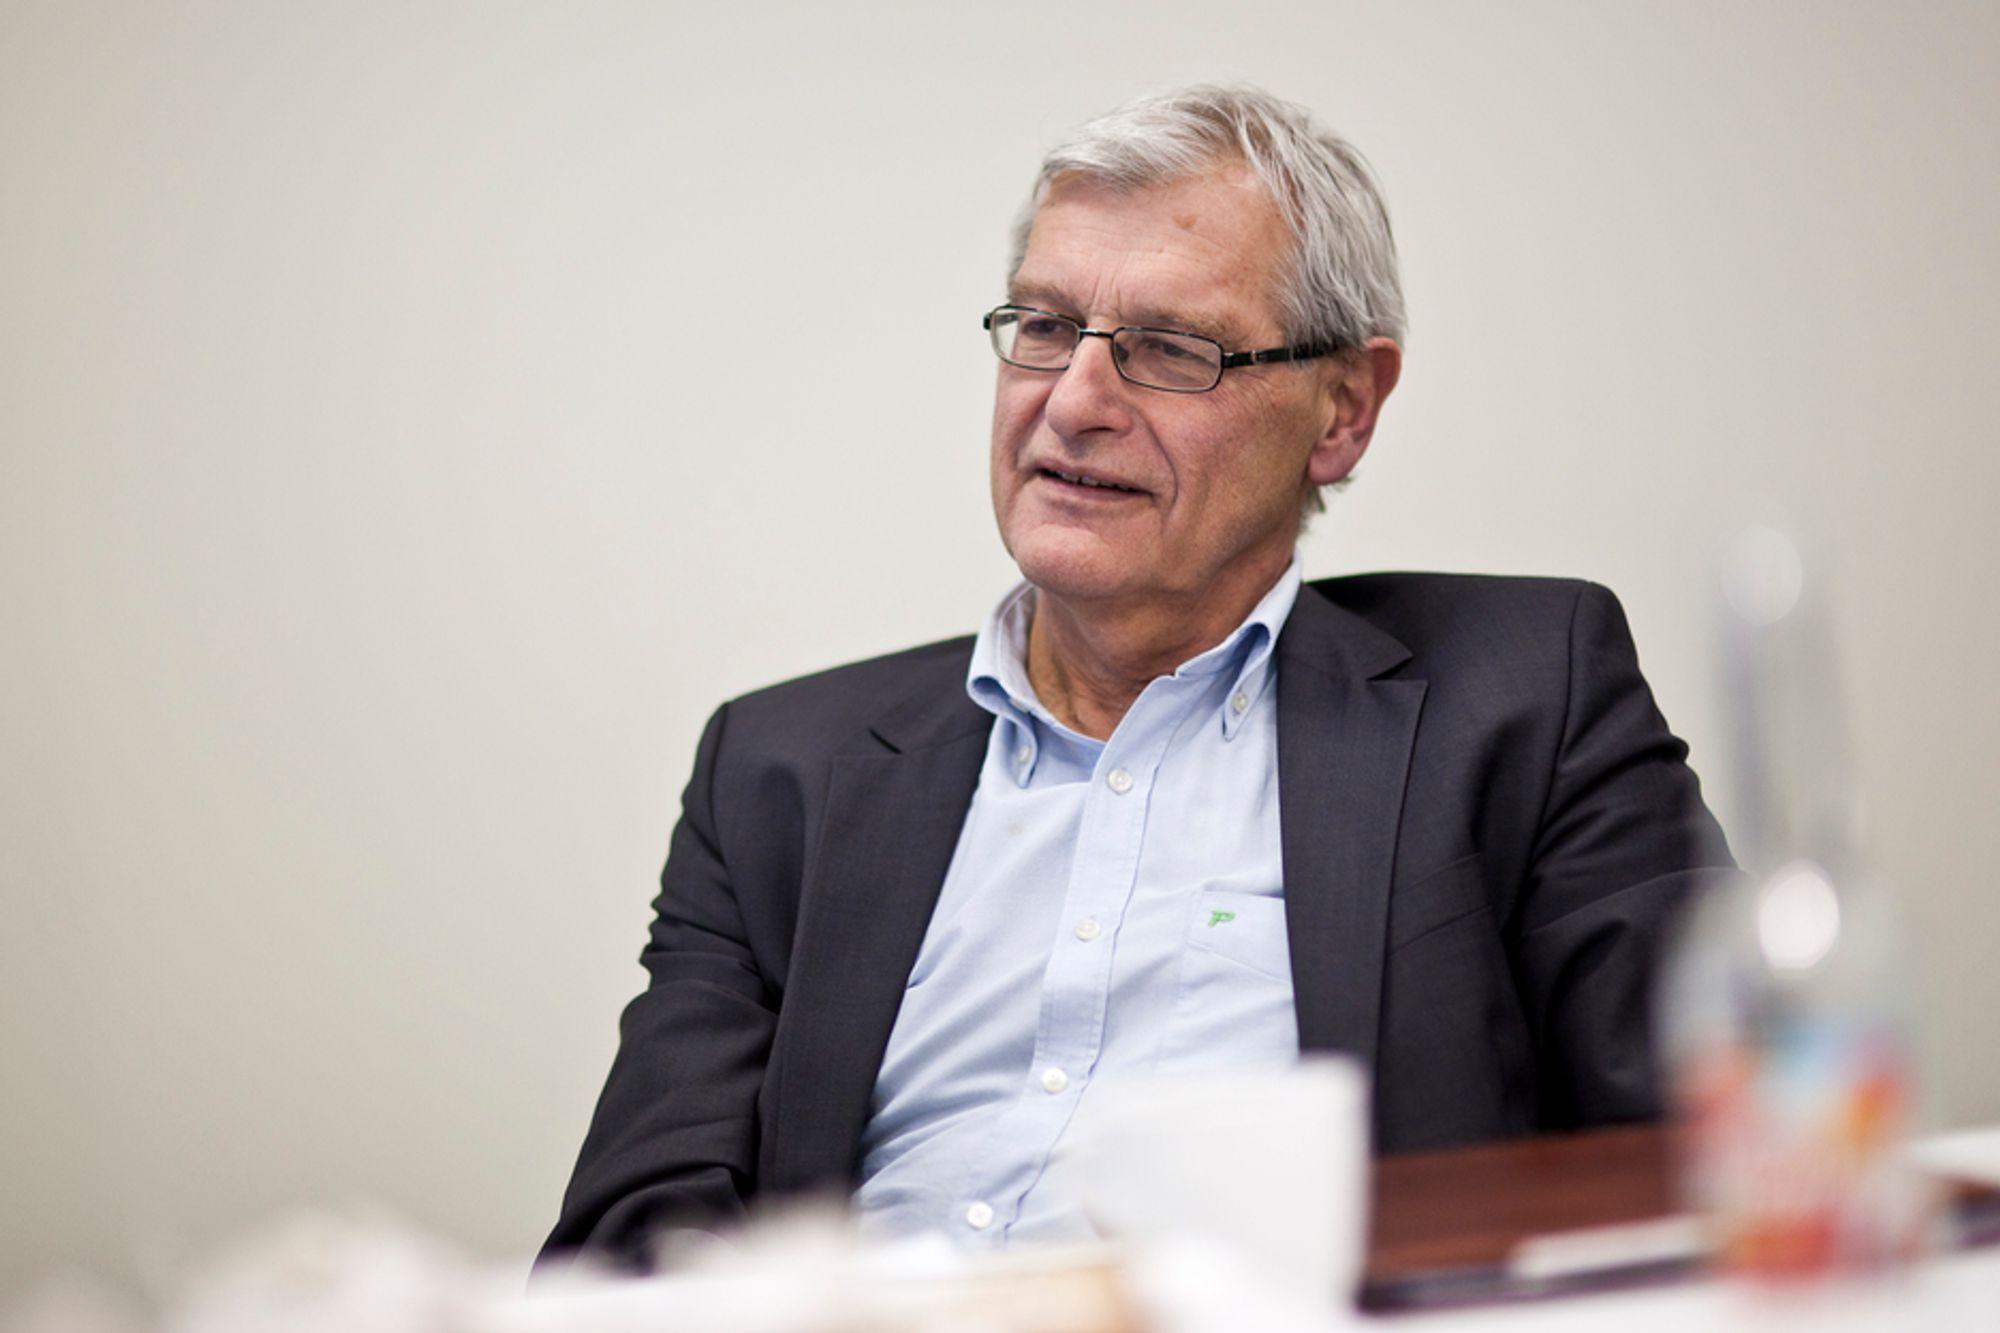 FORTGANG: Arne Skjelle og andre fra byggenæringen mener 200 millioner kroner vil gi fortgang i energieffektivisering.